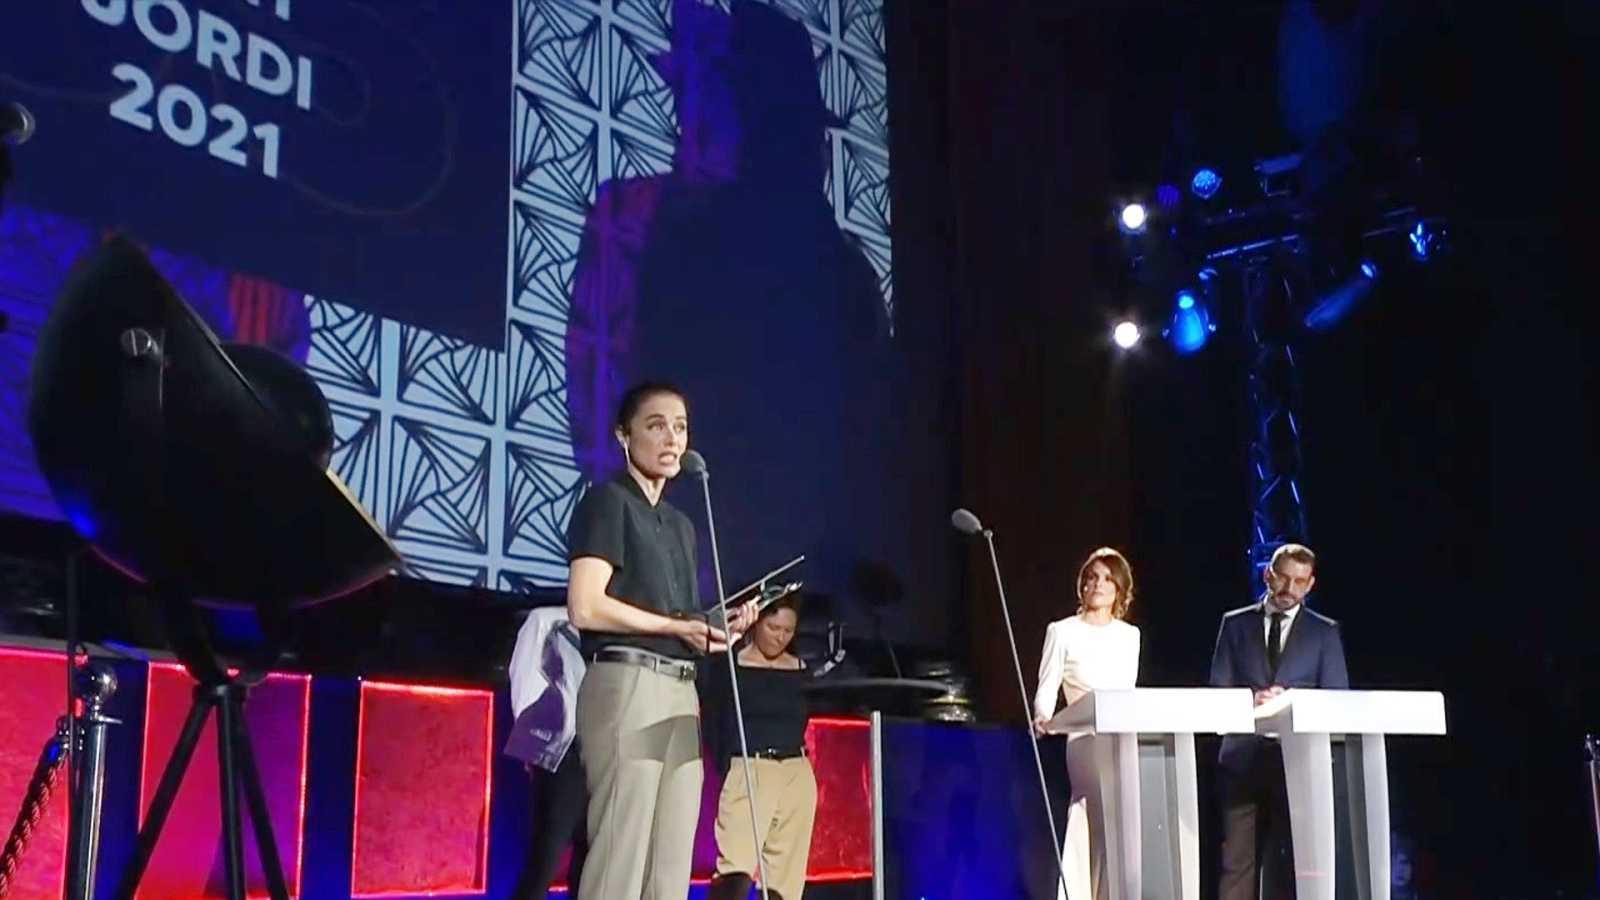 RNE entrega los Premios Sant Jordi con Patricia López de protagonista